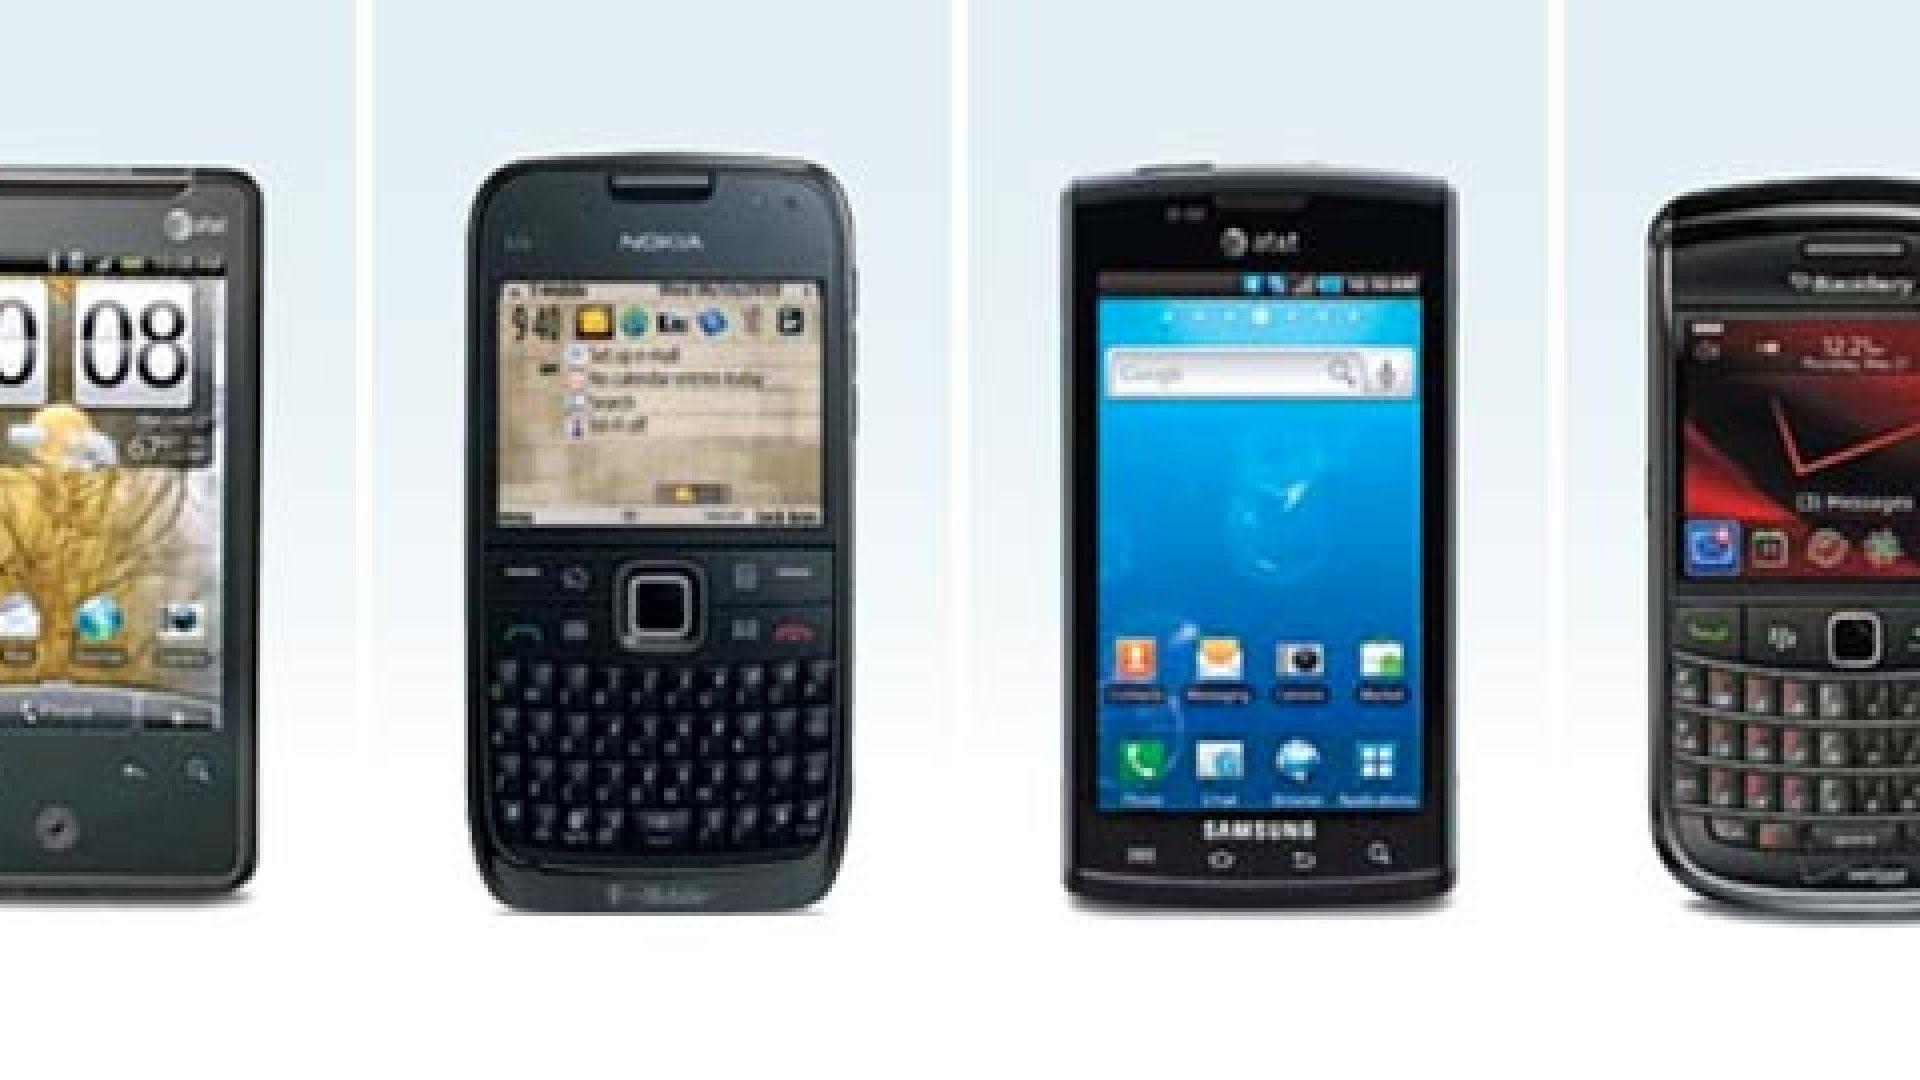 From left: HTC Aria; Nokia E73 Mode; Samsung Captivate; BlackBerry Bold 9650